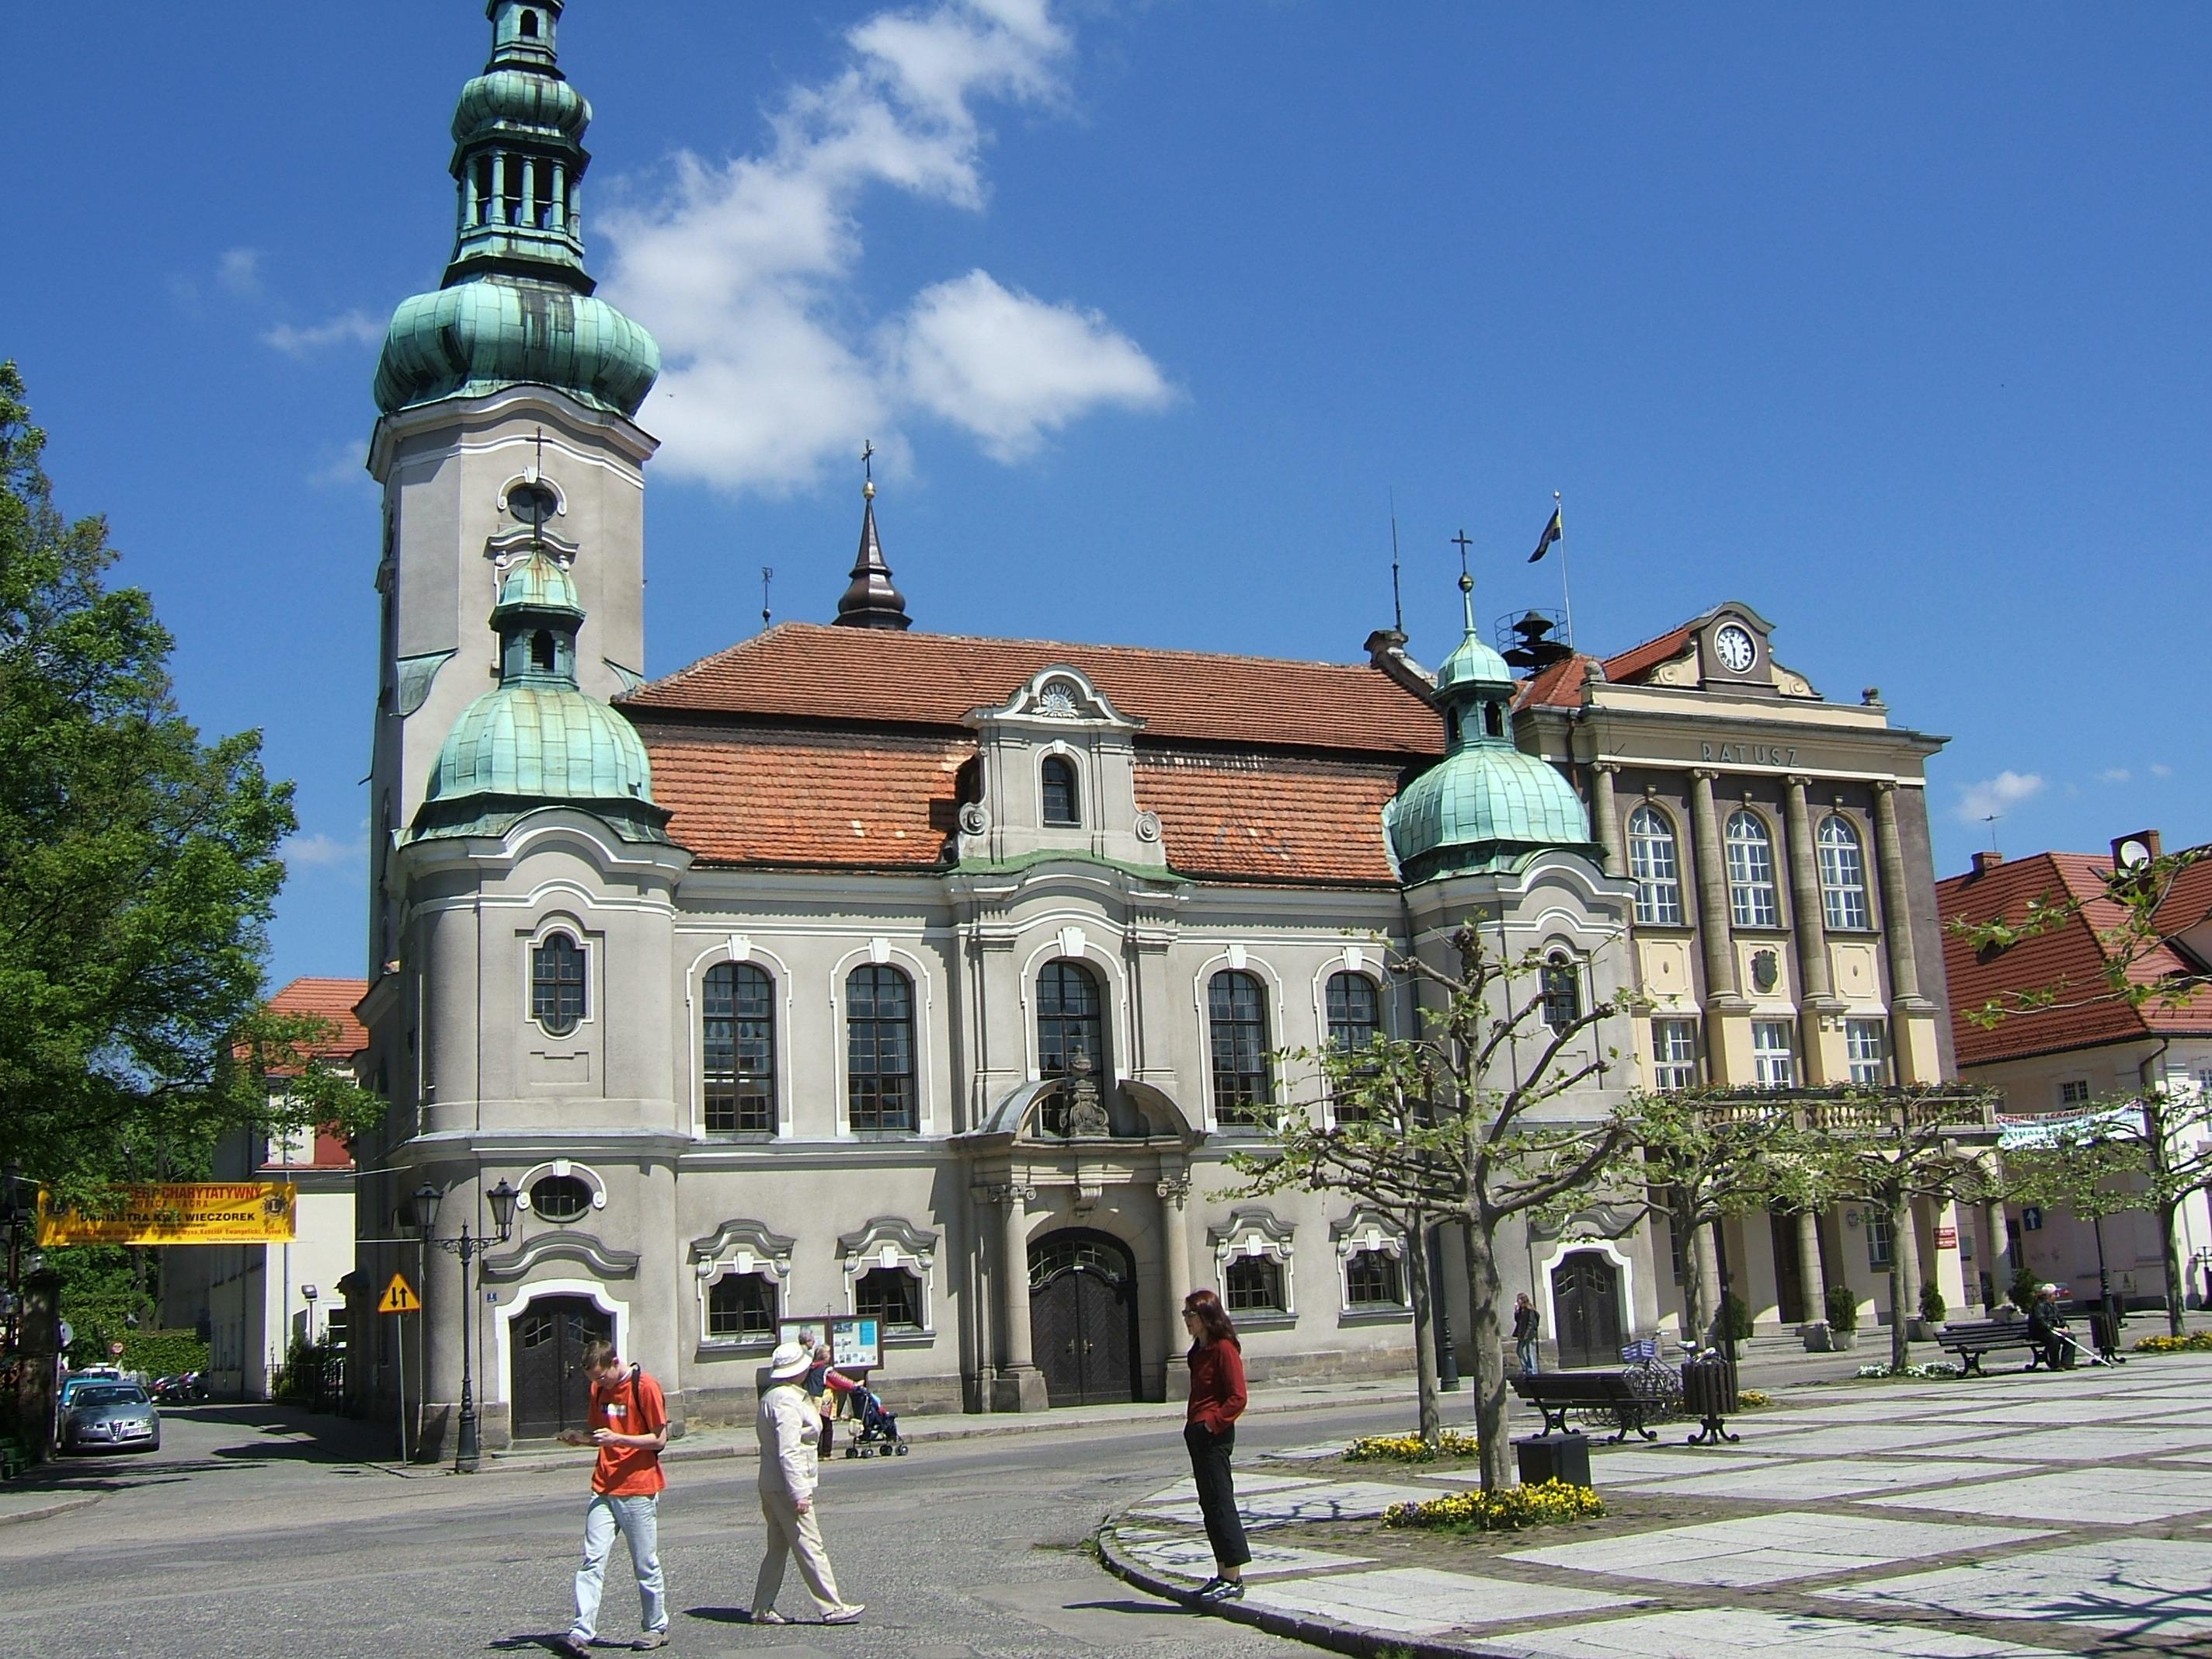 Mit dem Heilsbrunnen nach Auschwitz und Pszczyna